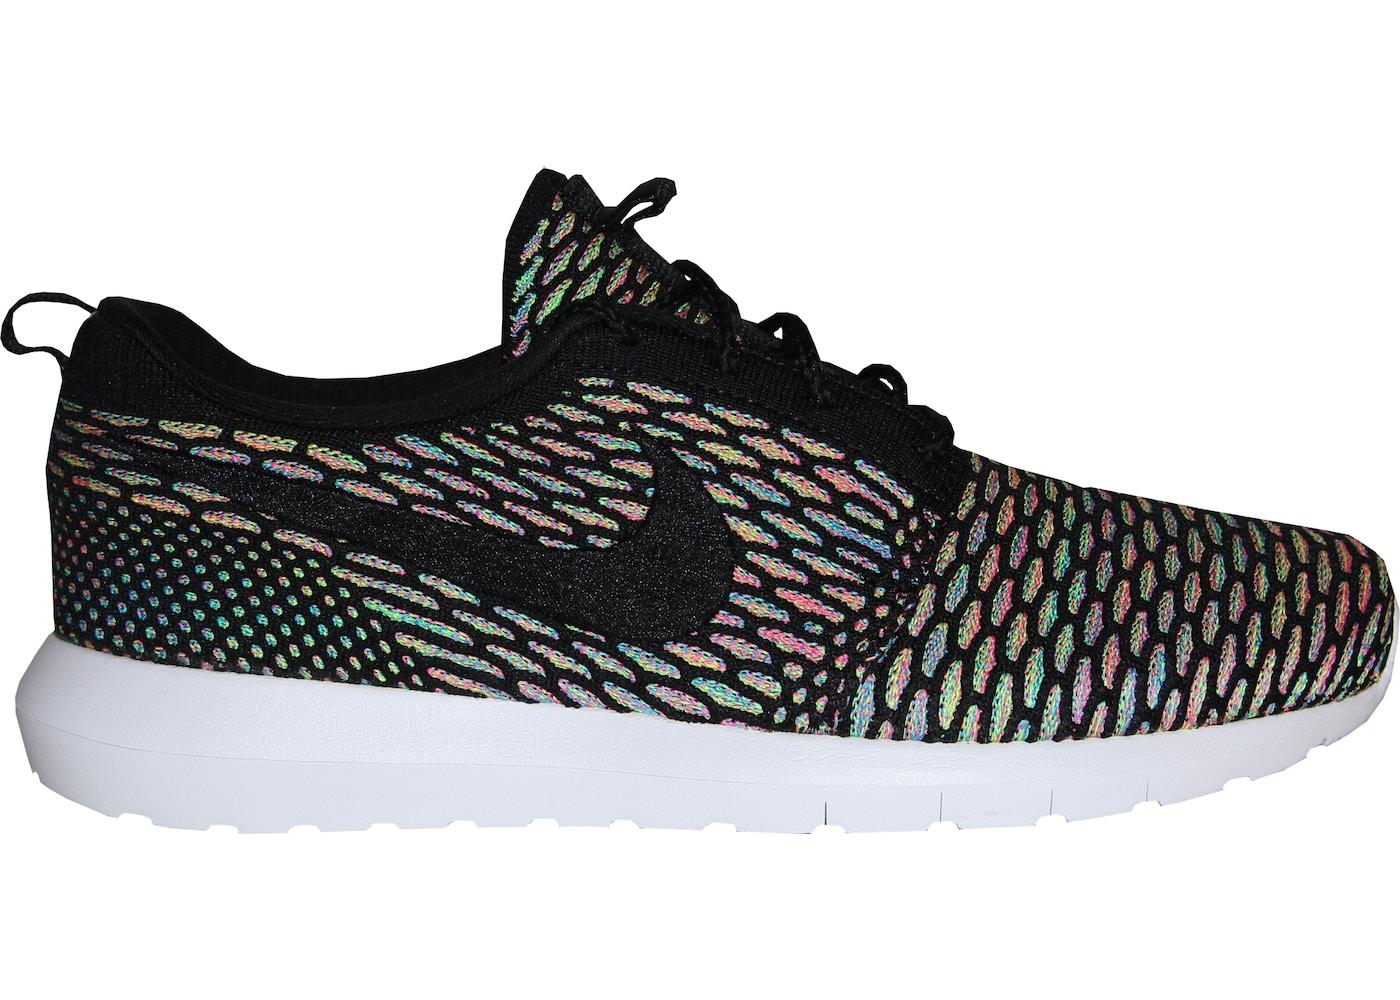 10431d88f789 Nike Roshe Run Flyknit Multi-Color - 677243-013